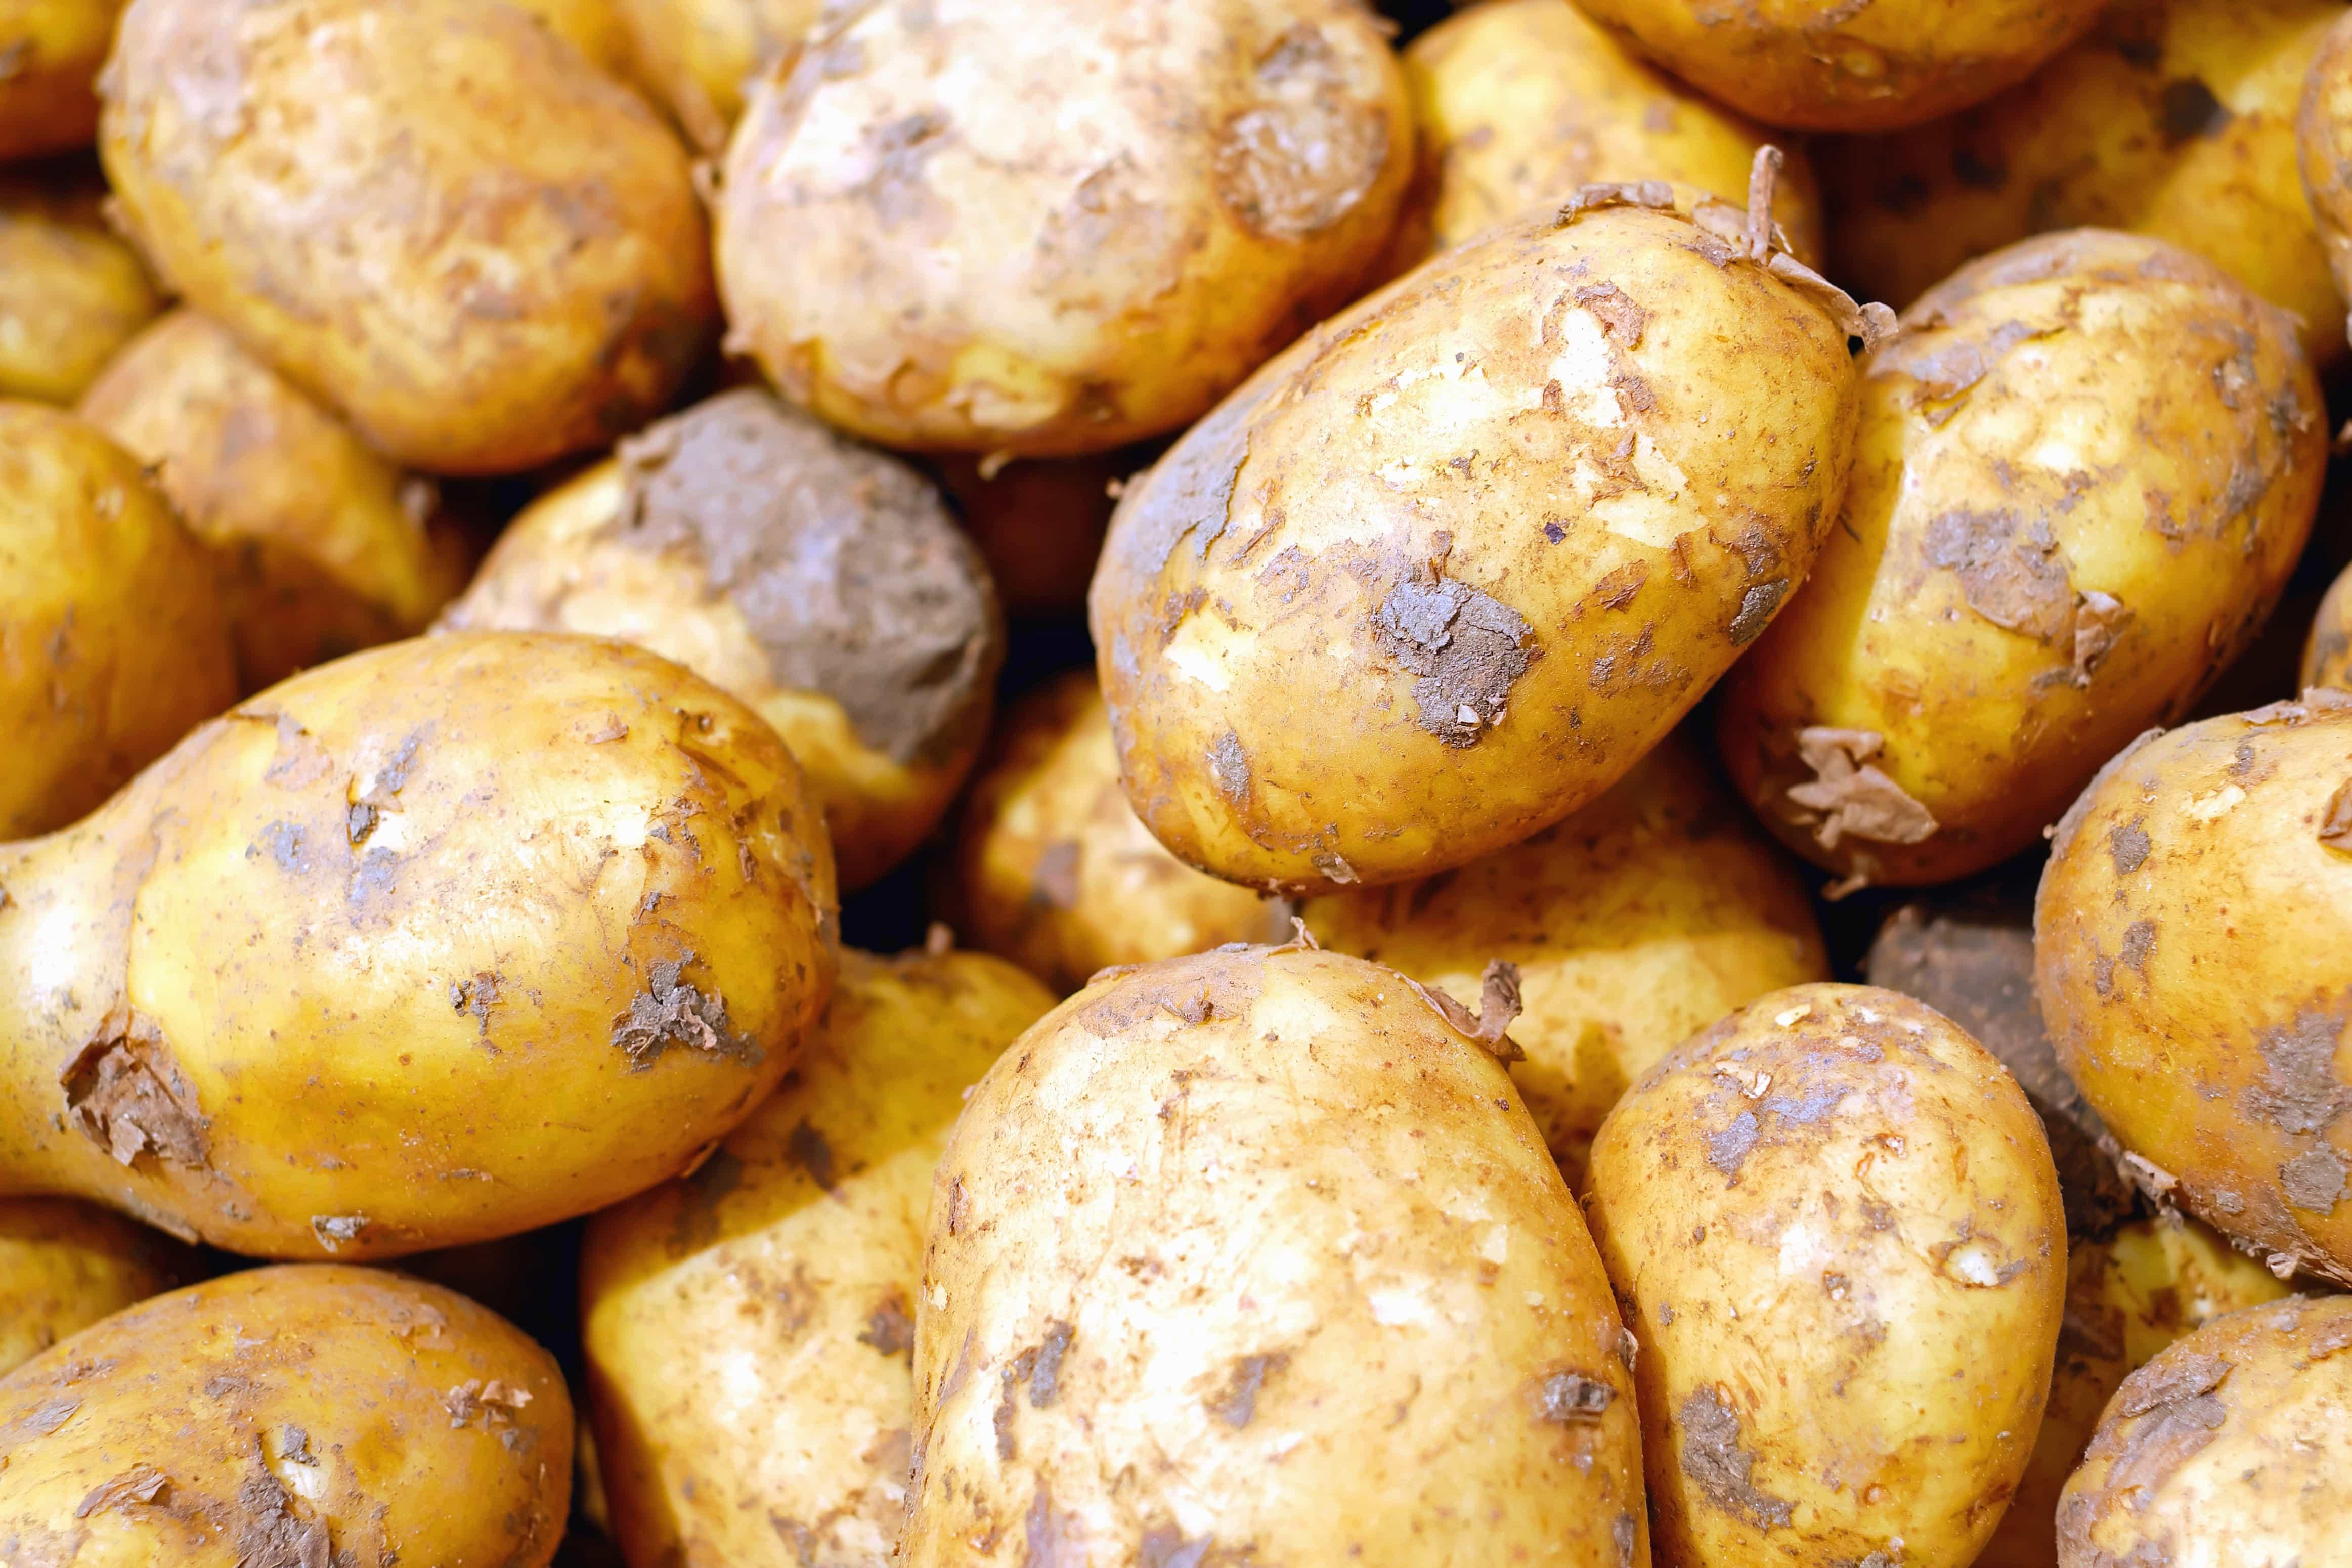 Kartoffel Bilder Kostenlos kostenlose bild kartoffel lebensmittel süßkartoffel obst gemüse